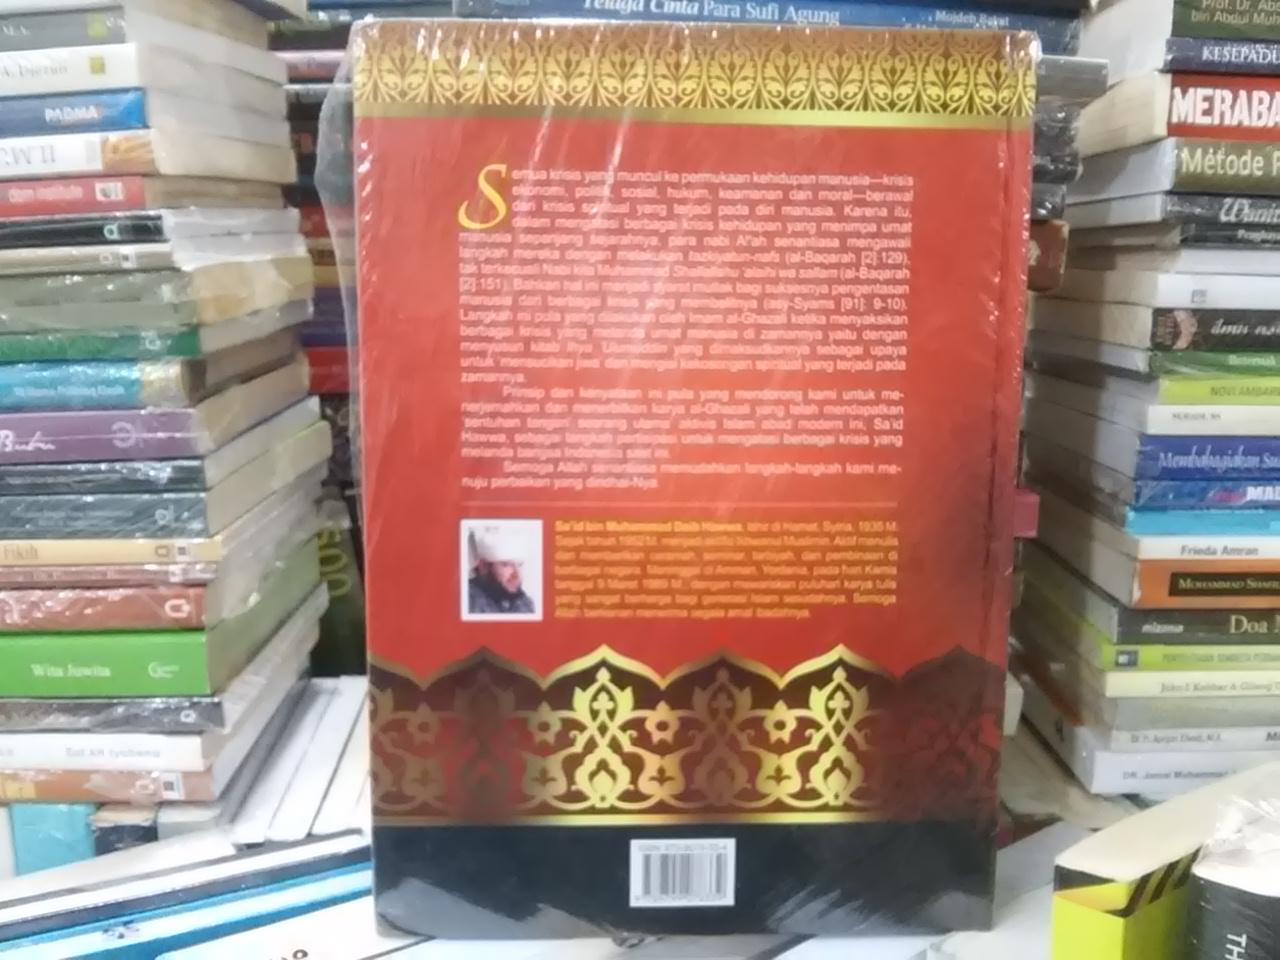 Buku Menyucikan Jiwa : Intisari Ihya Ulumuddin Al Ghazali - Said Hawa